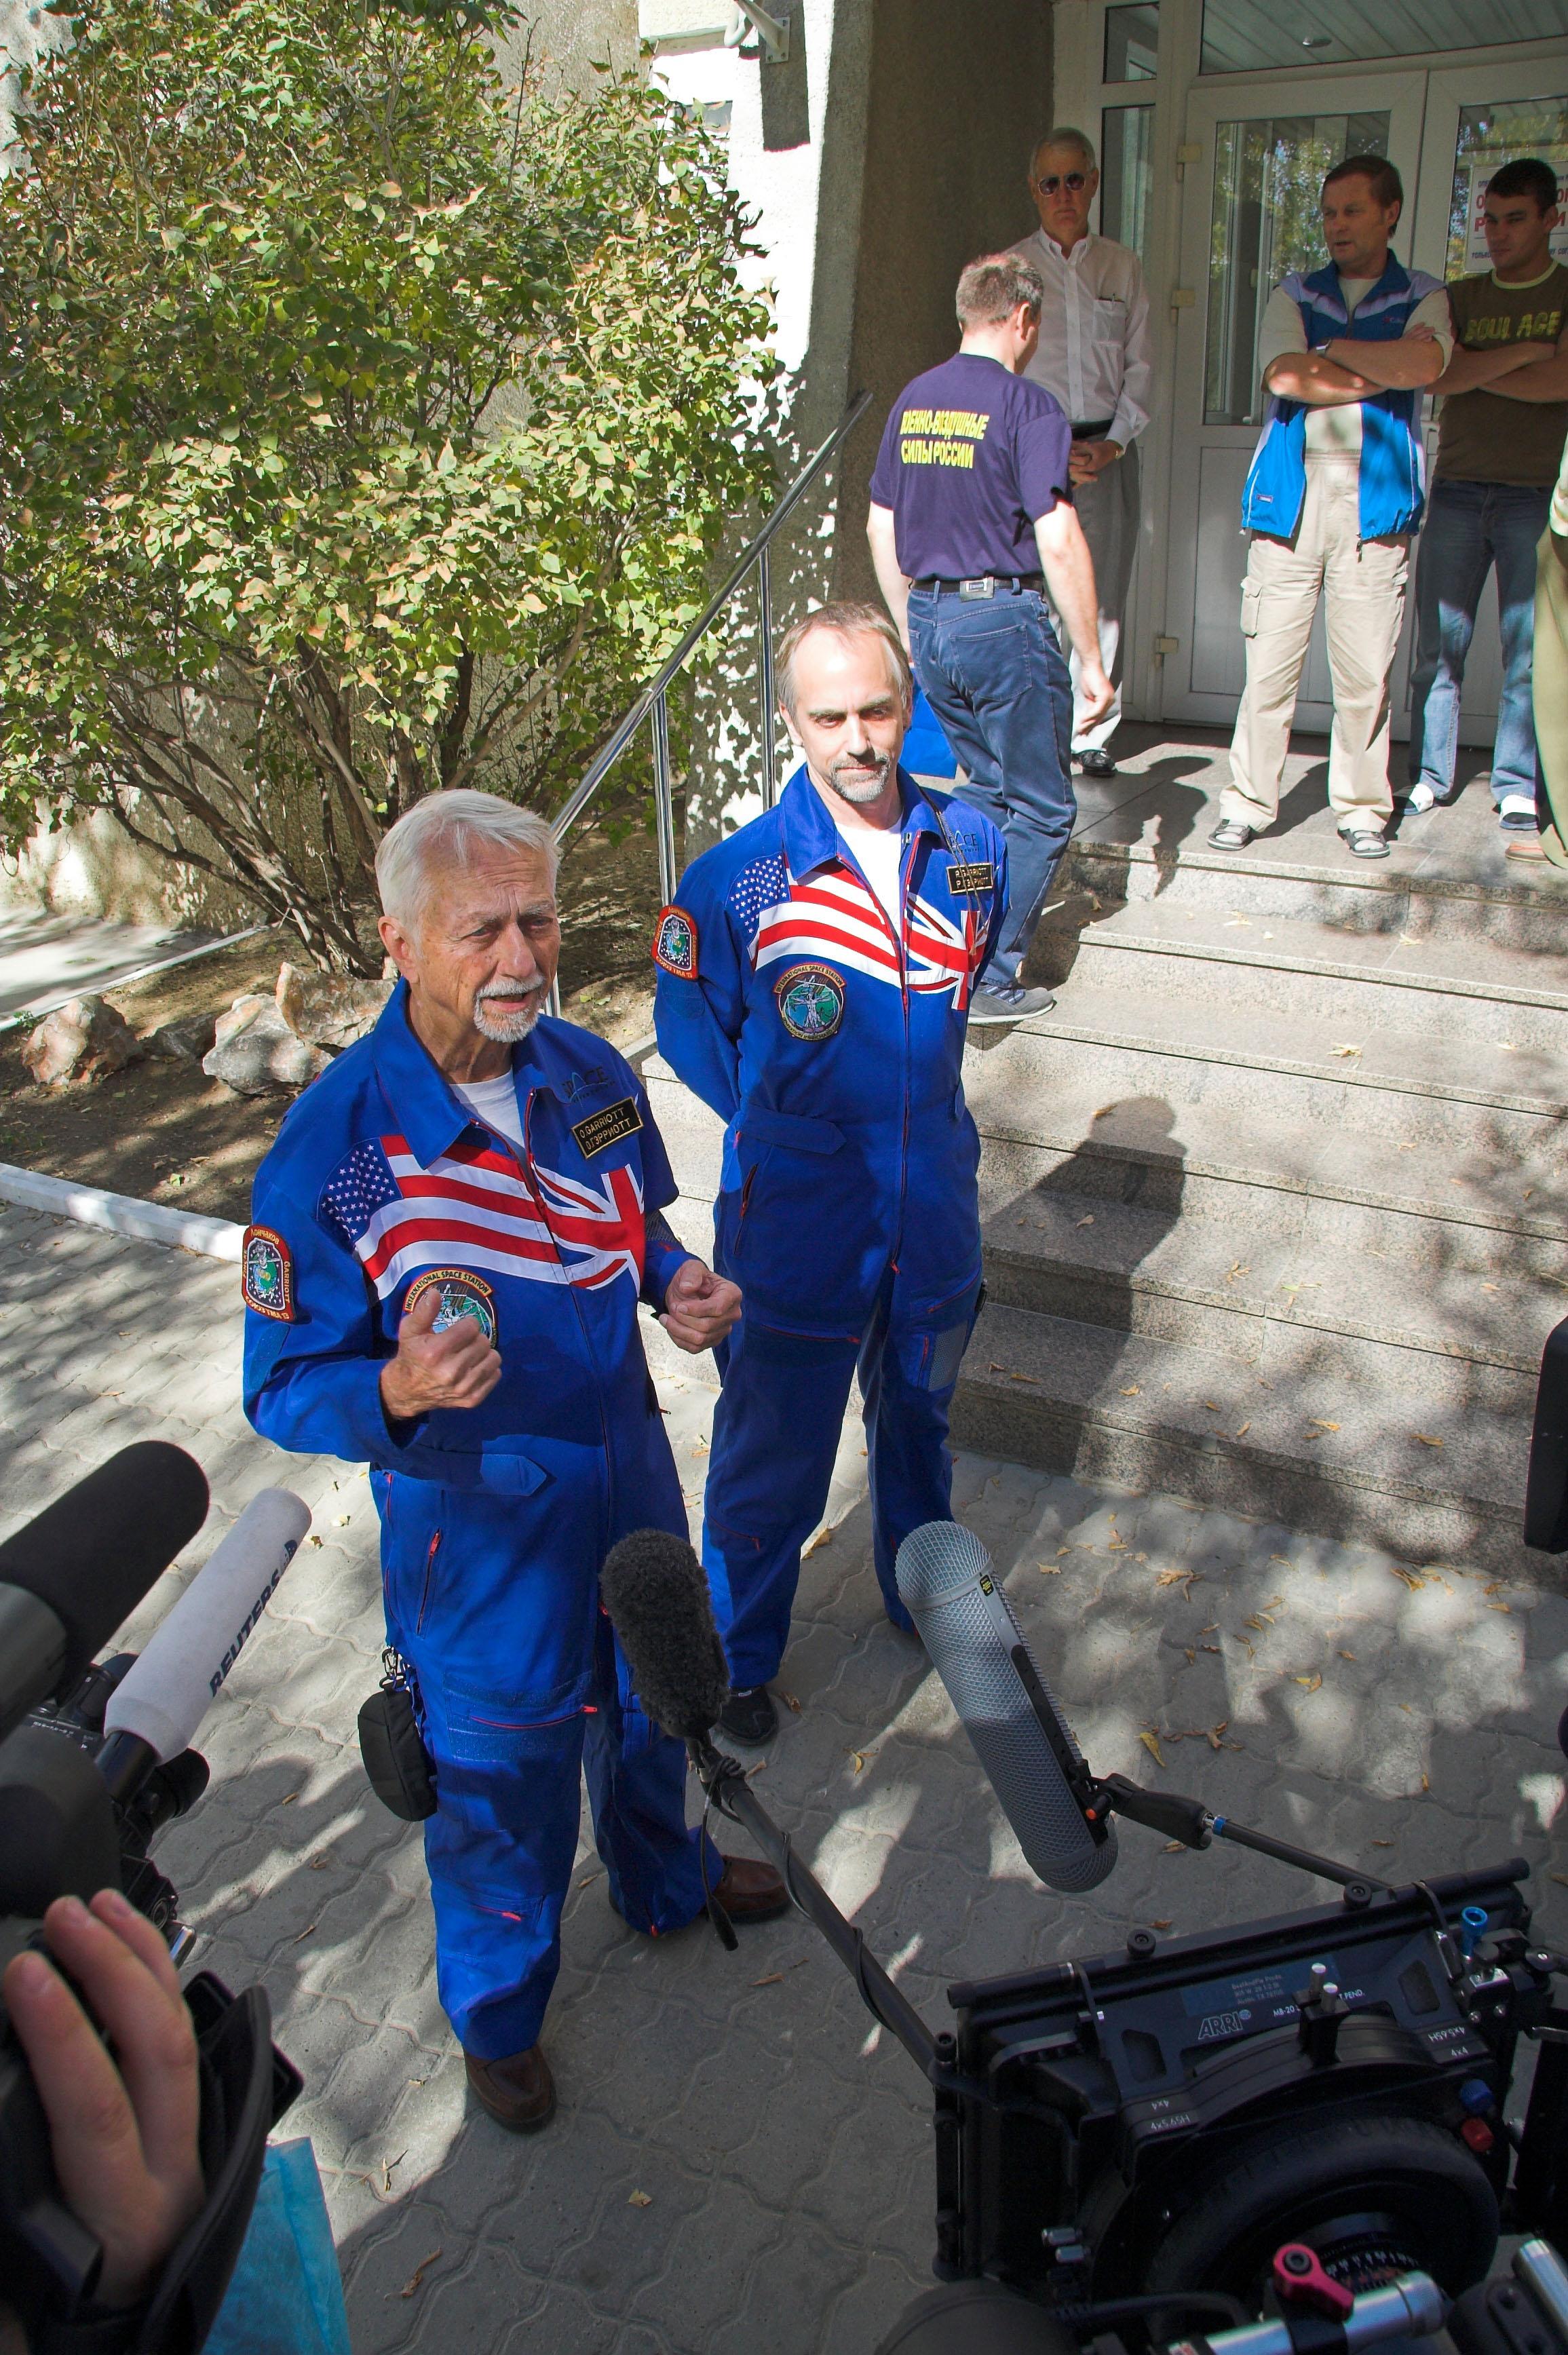 Astronaut Owen Garriott assists his son, Richard Garriott